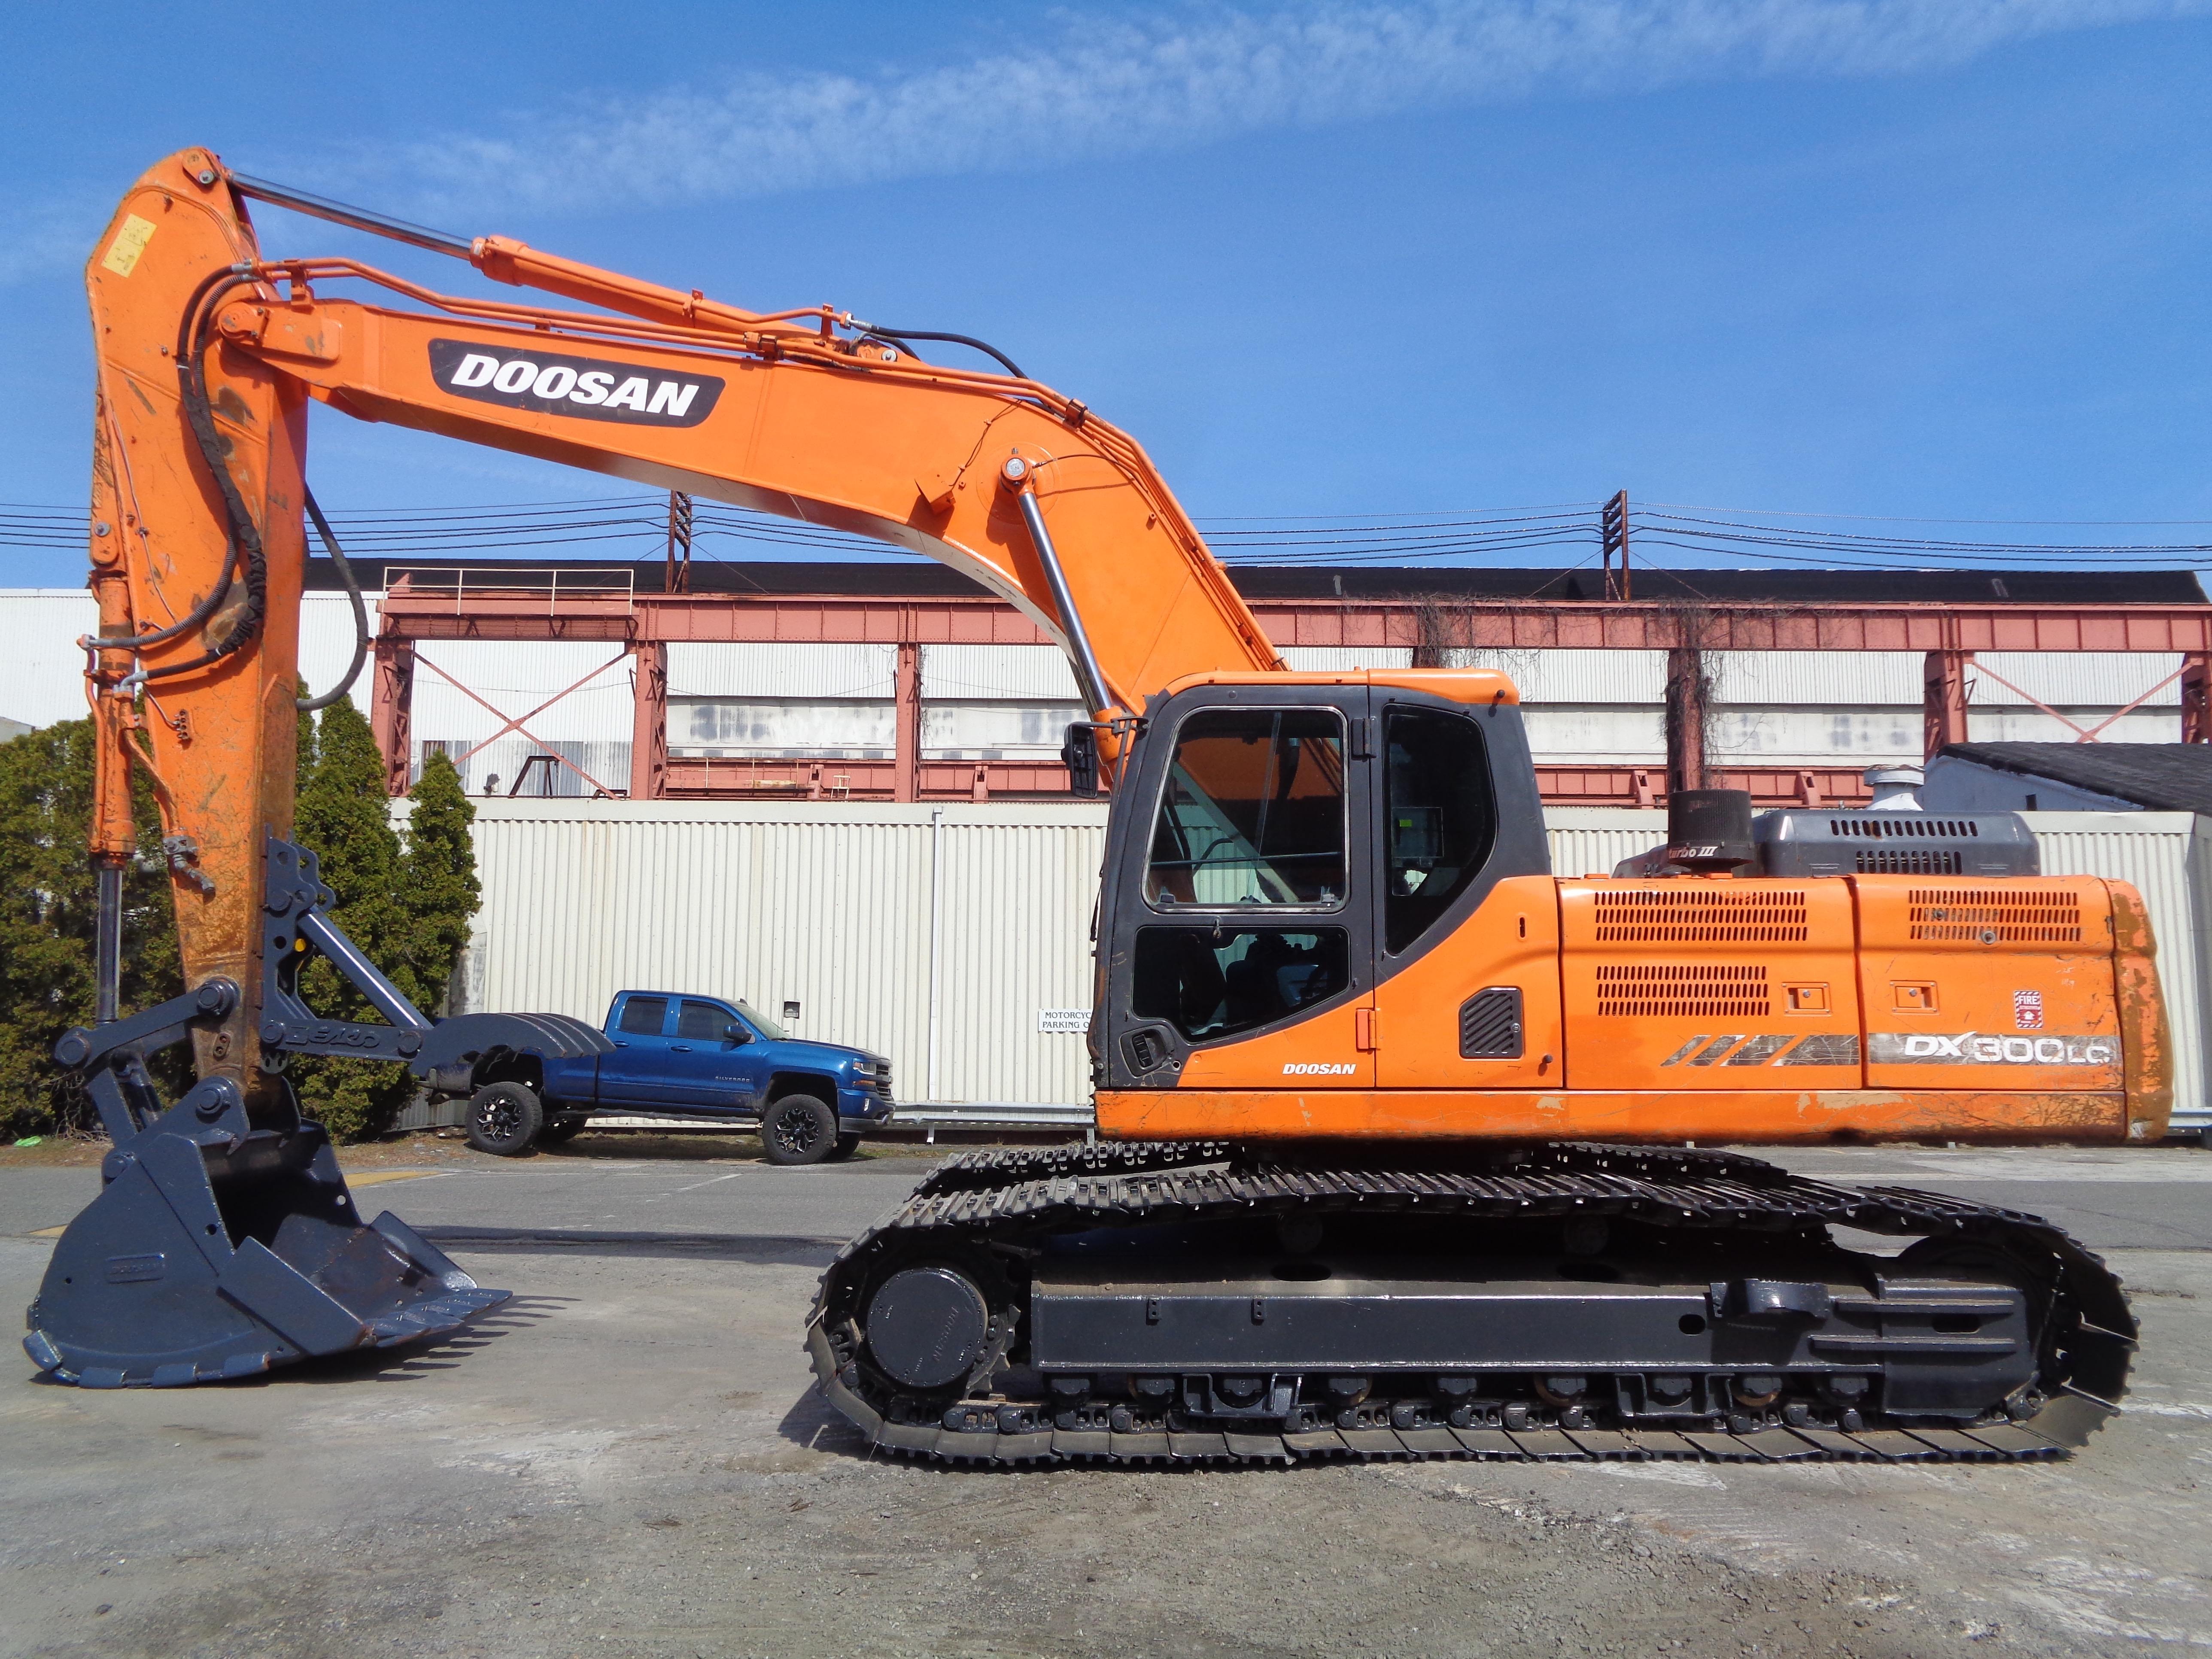 Lot 4 - 2013 Doosan DX300LC-3 Excavator